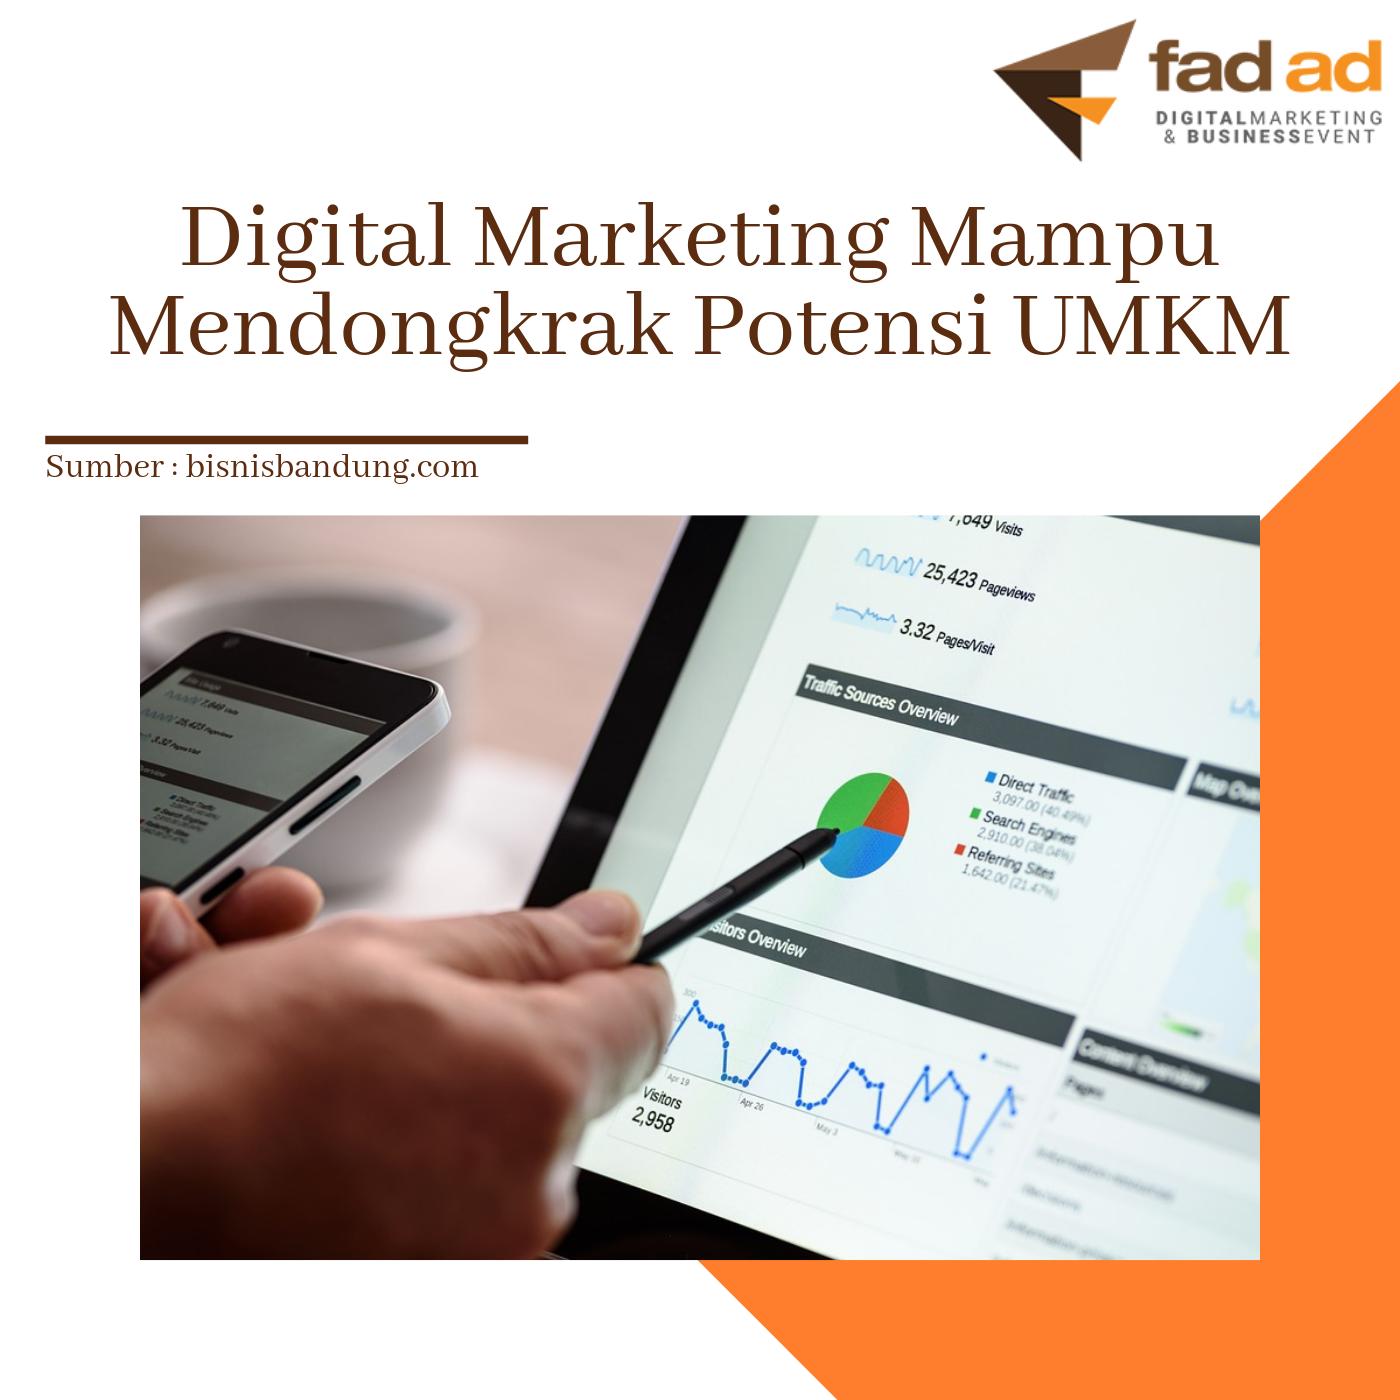 Menggunakan digital marketing menggunakan internet, bermanfaat ...